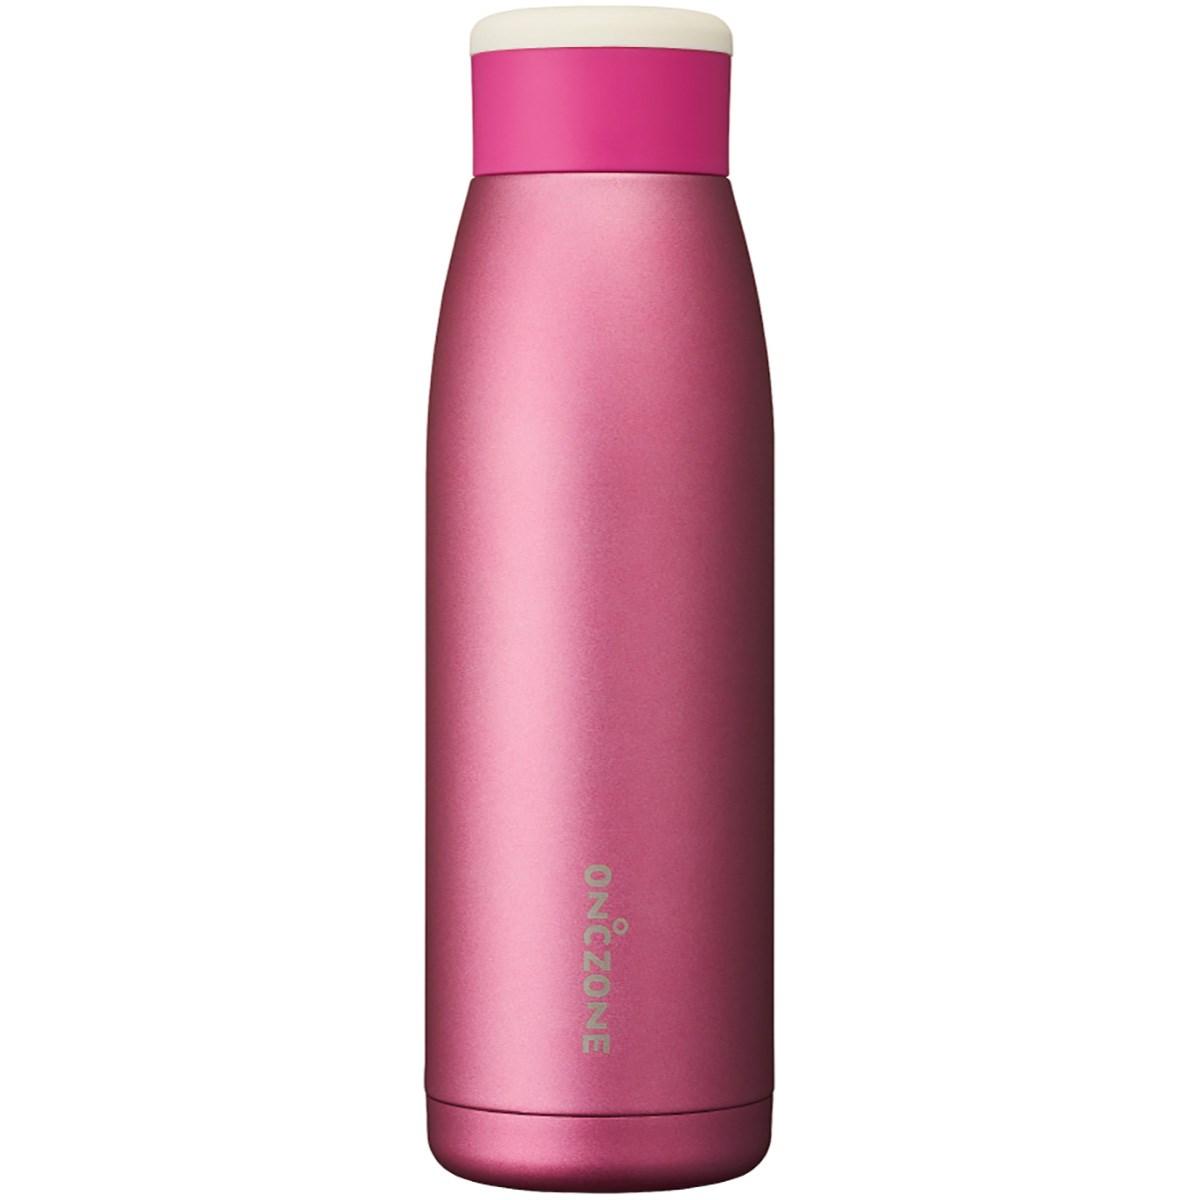 ON℃ZONE ふるふるボトル ピンク